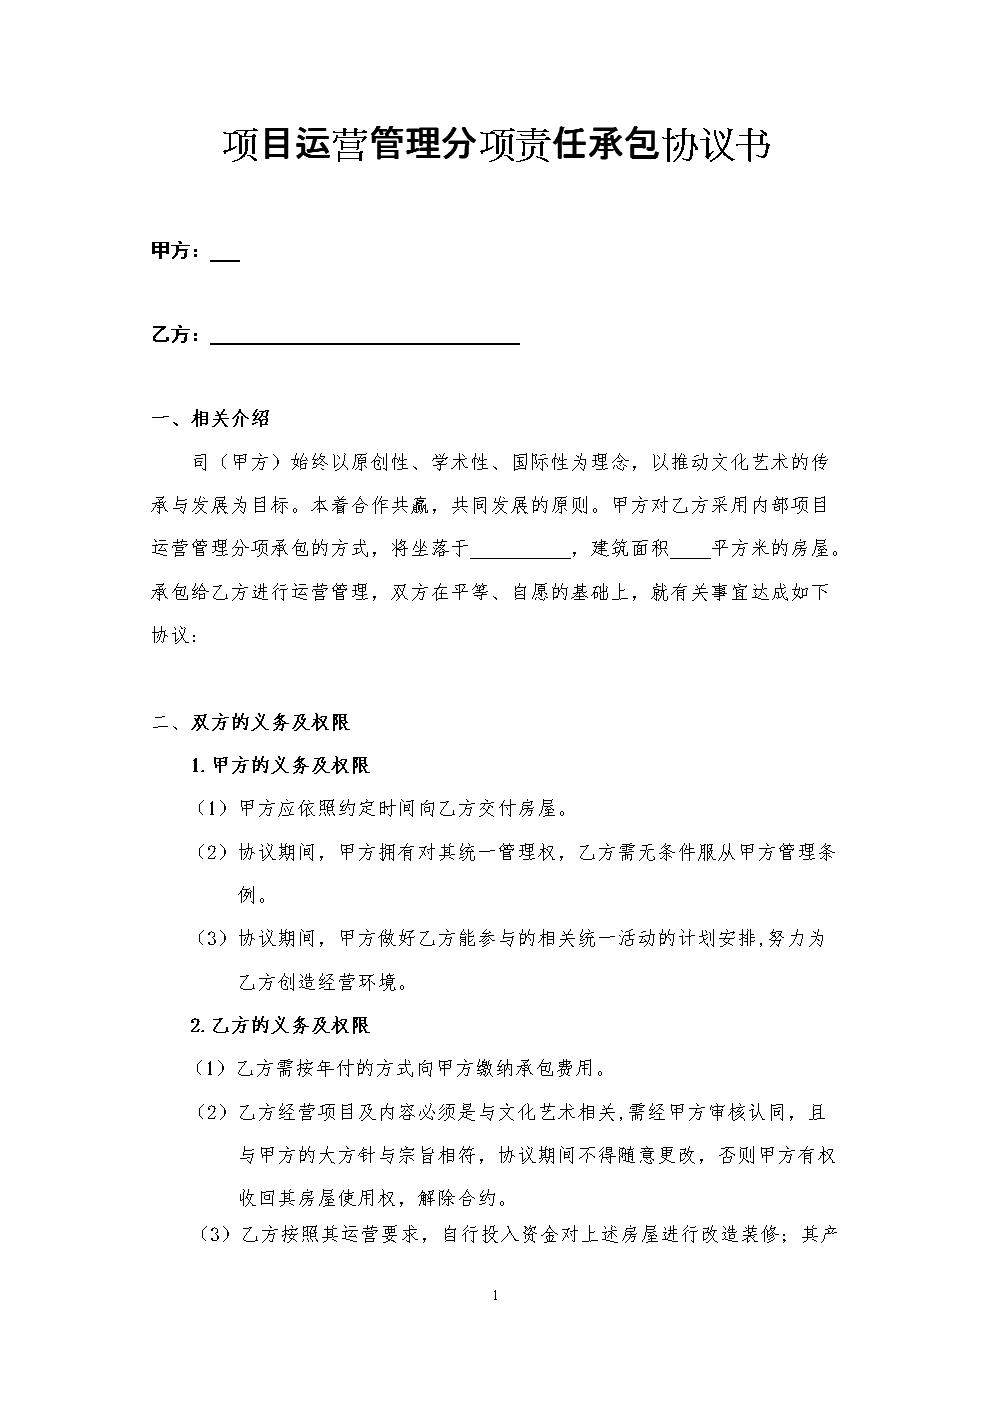 商铺合作运营管理协议.doc